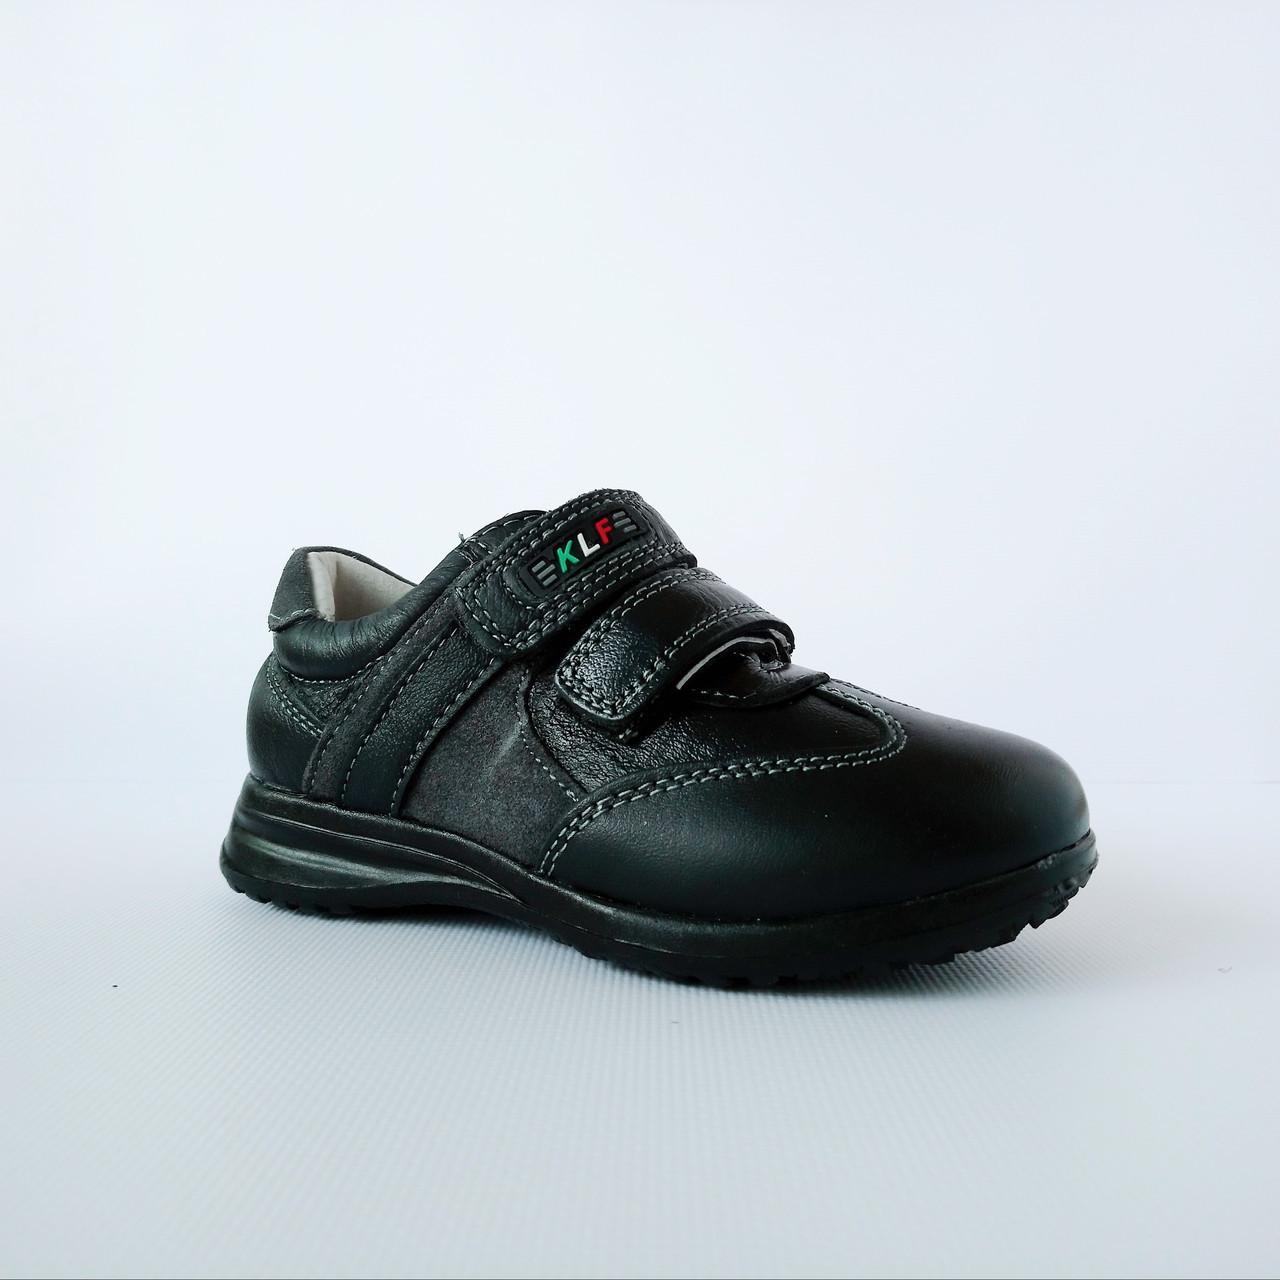 Кожаные демисезонные кроссовки мальчикам,  р. 26-31. Черные